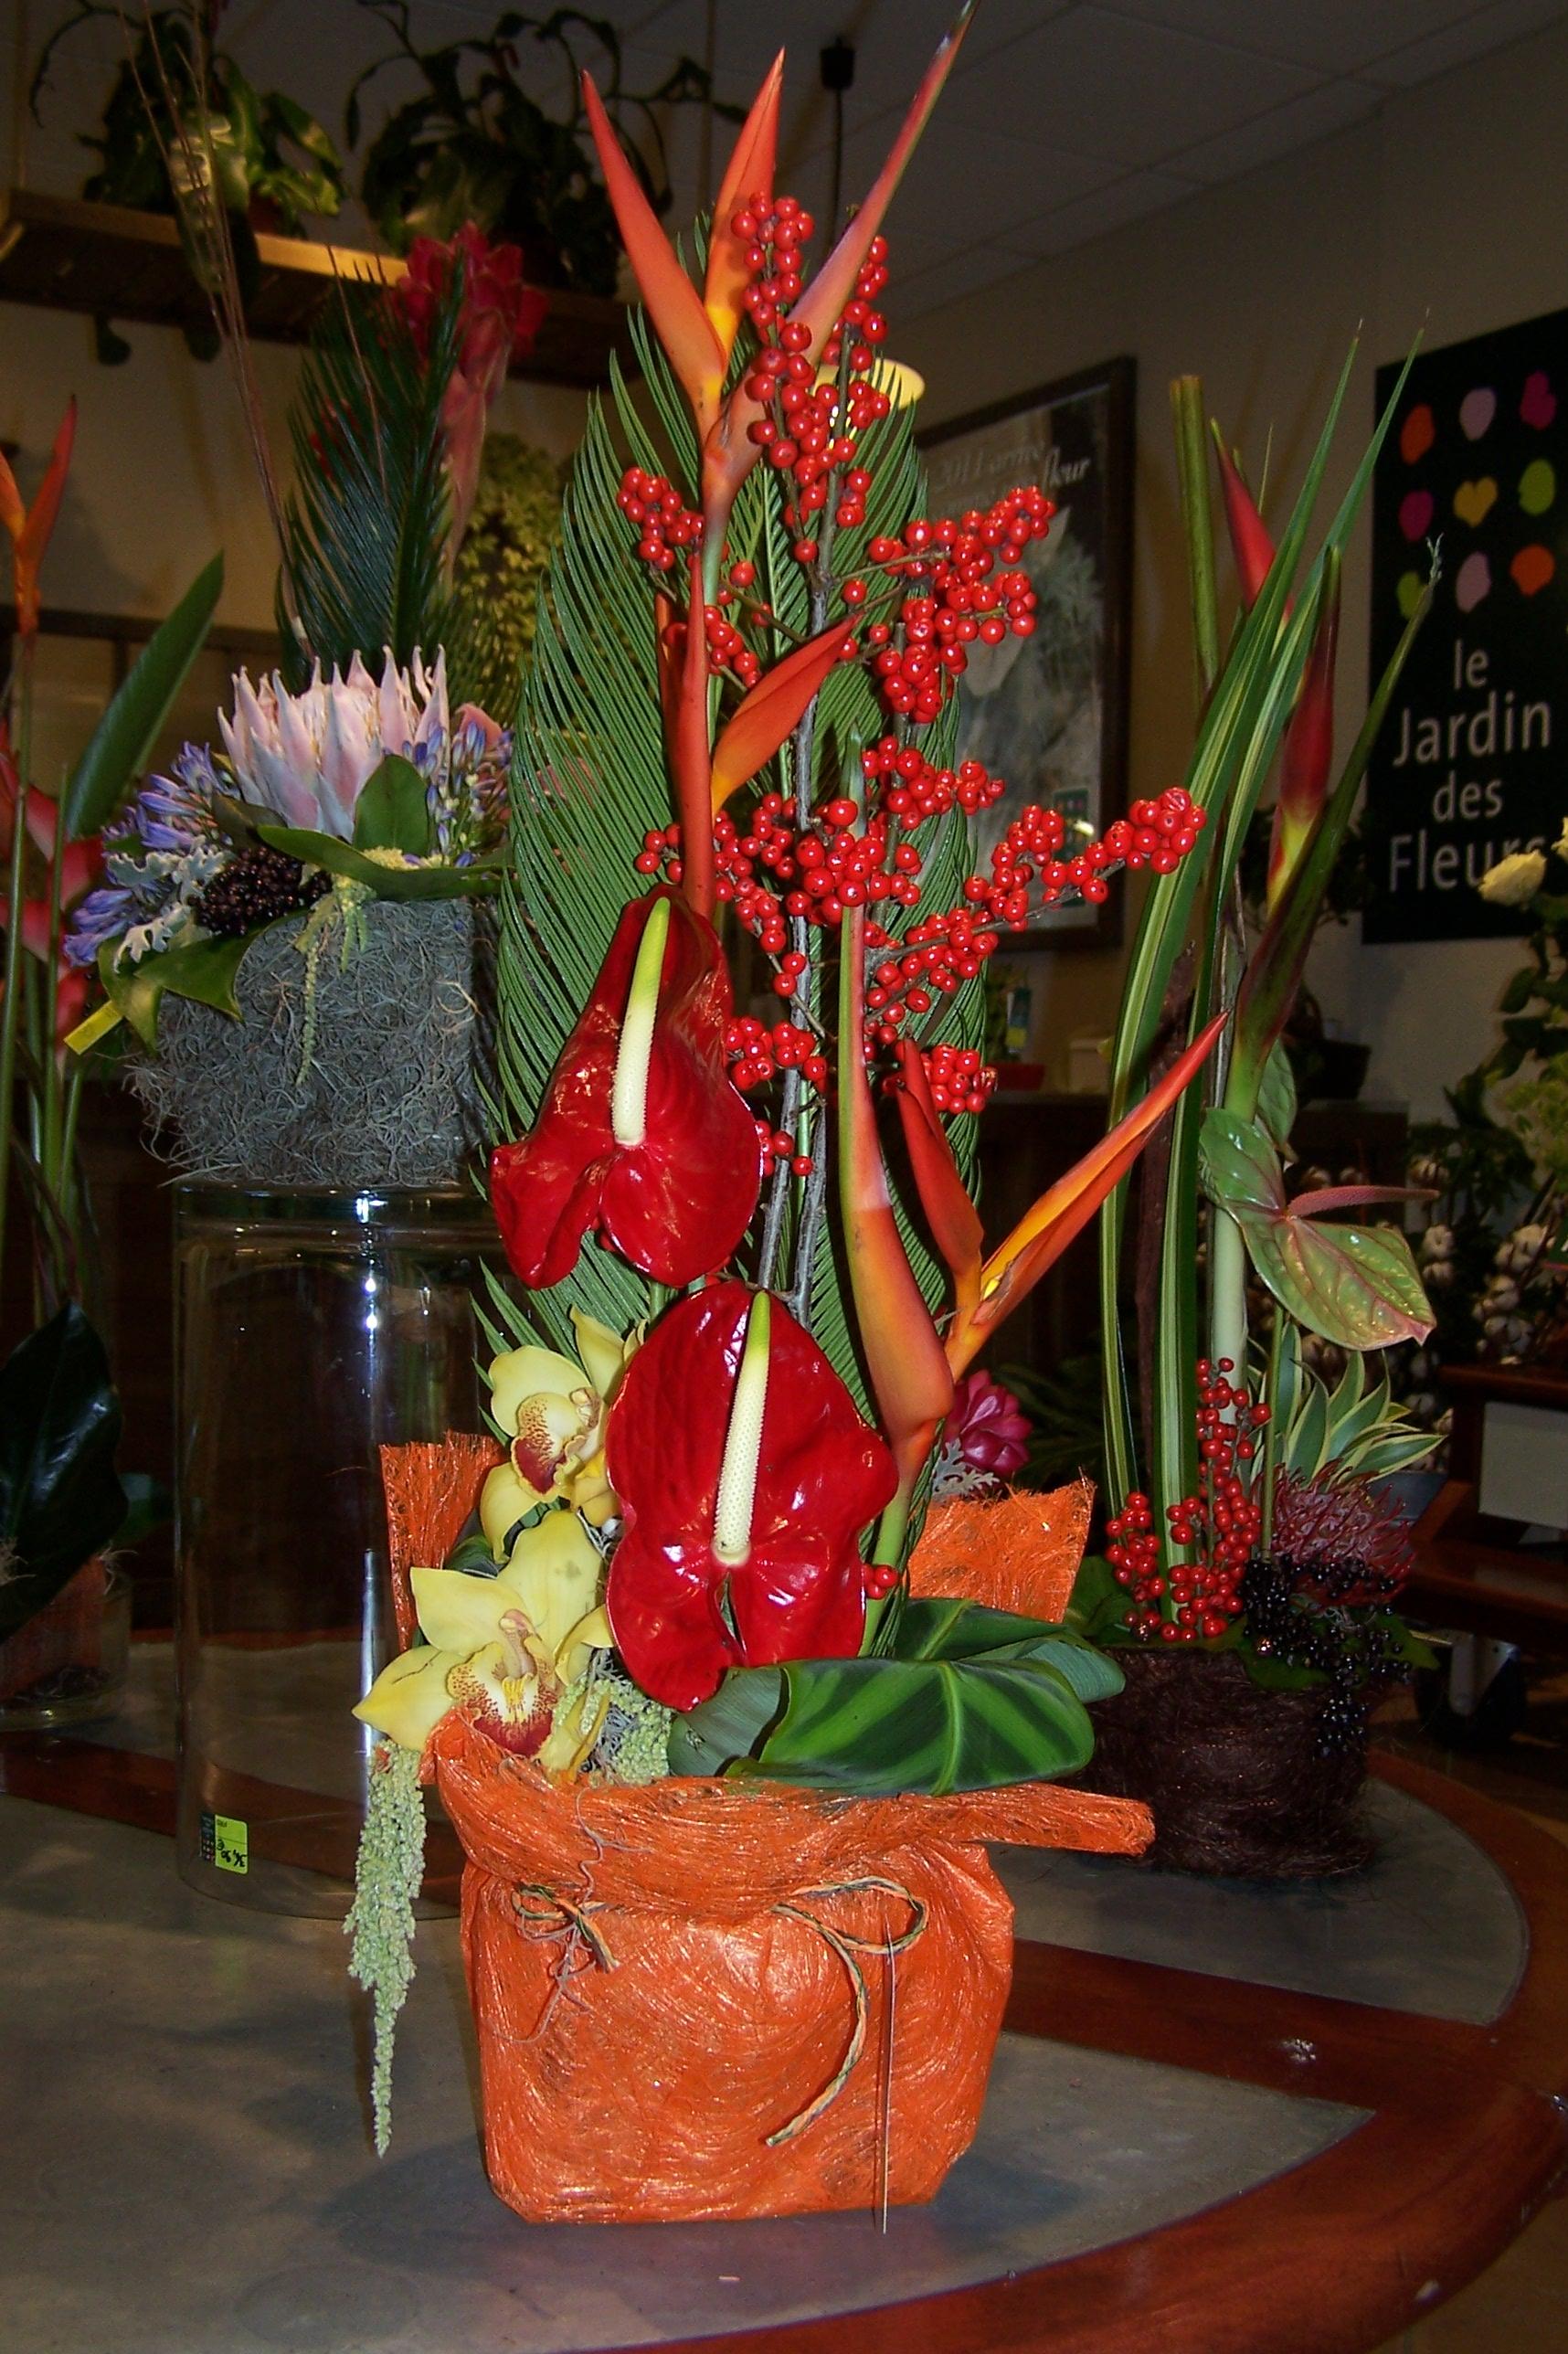 Compositions le jardin des fleurs de saint malo for Le jardin des fleurs